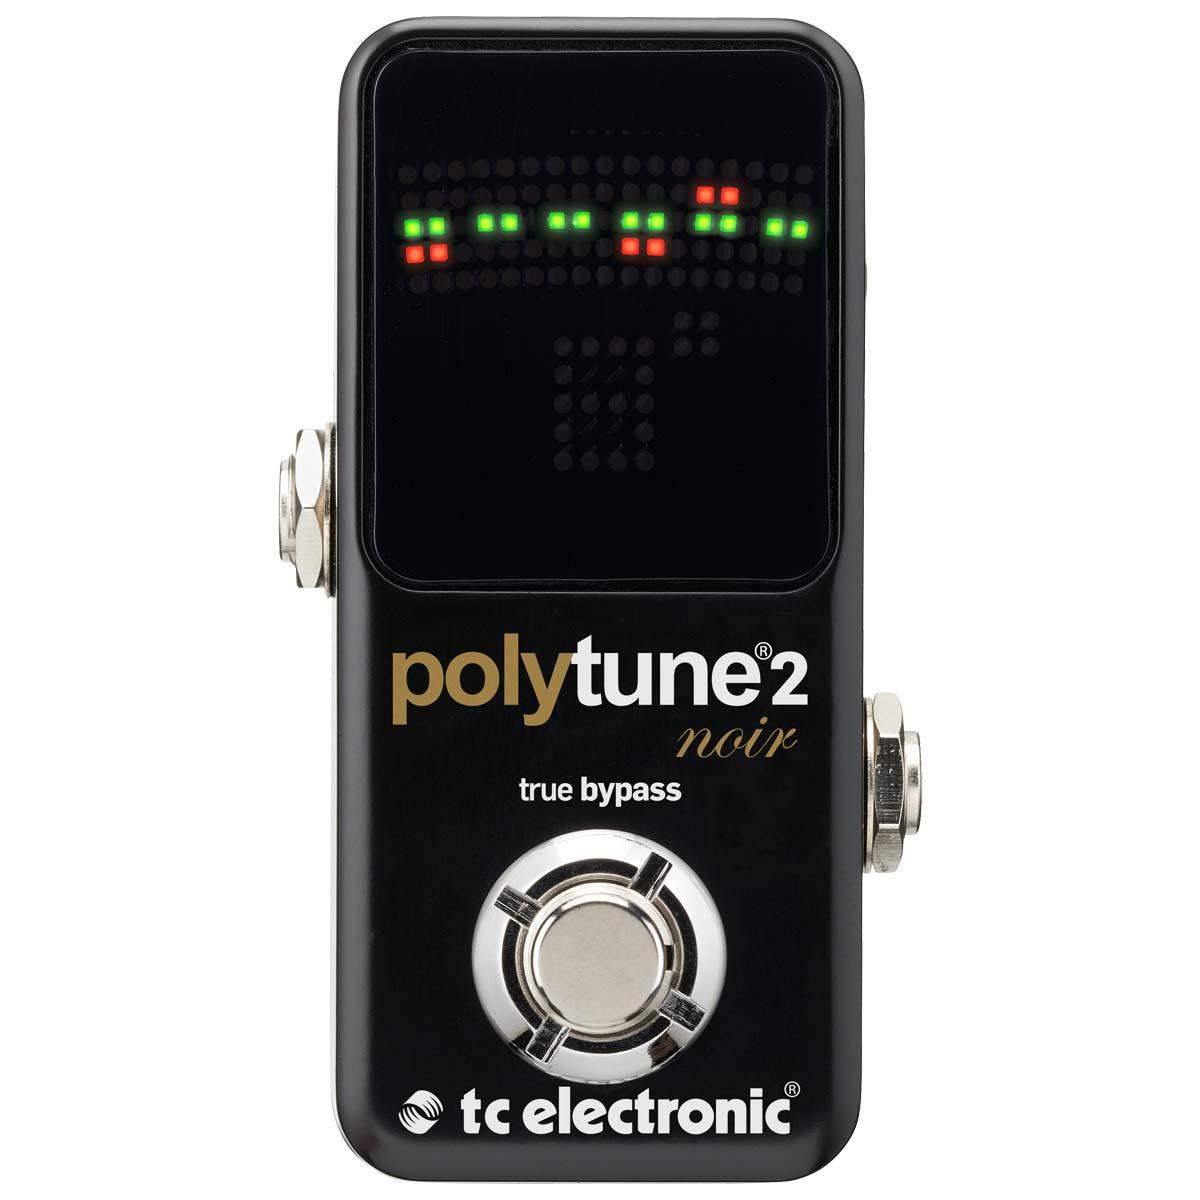 TCElectronic PolyTuneMini2Noir pedaltuner